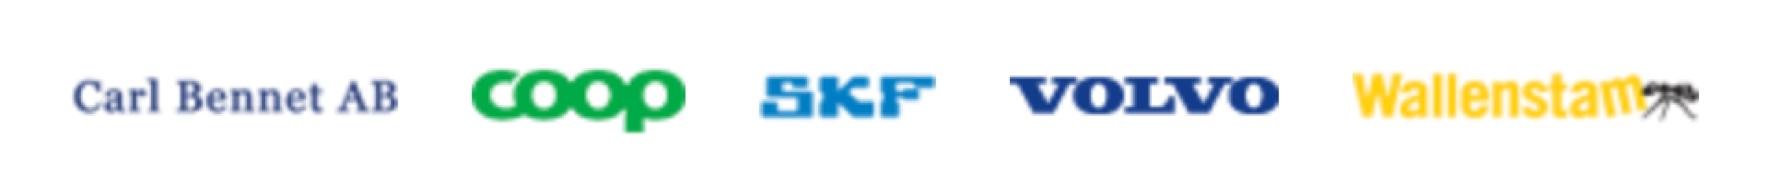 Logo Grundare Carl Benett COOP SKF VOLVO Wallenstam dålig upplösning